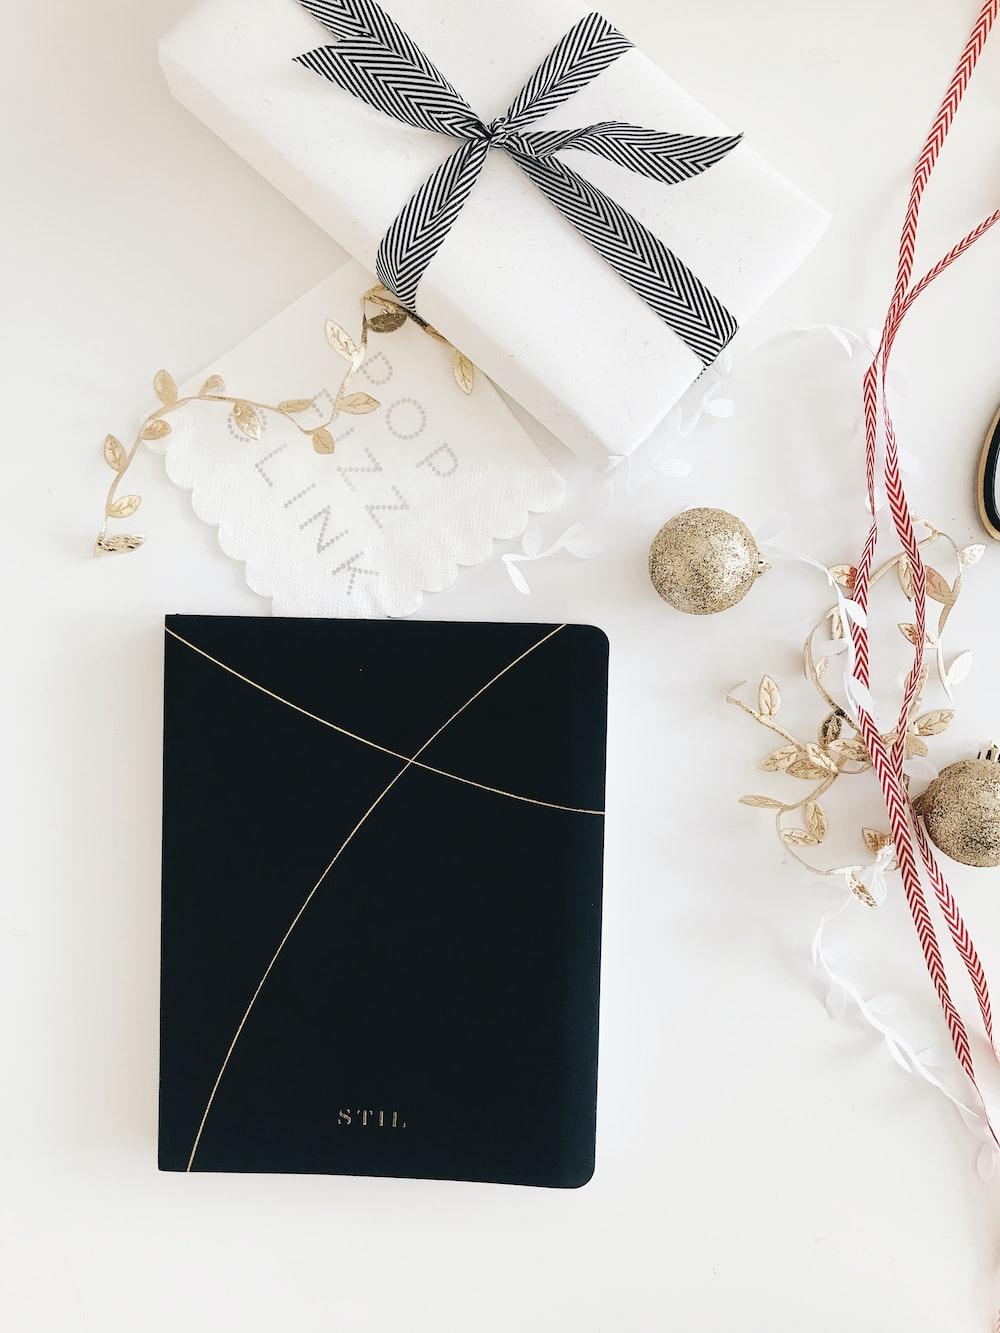 white present on white table